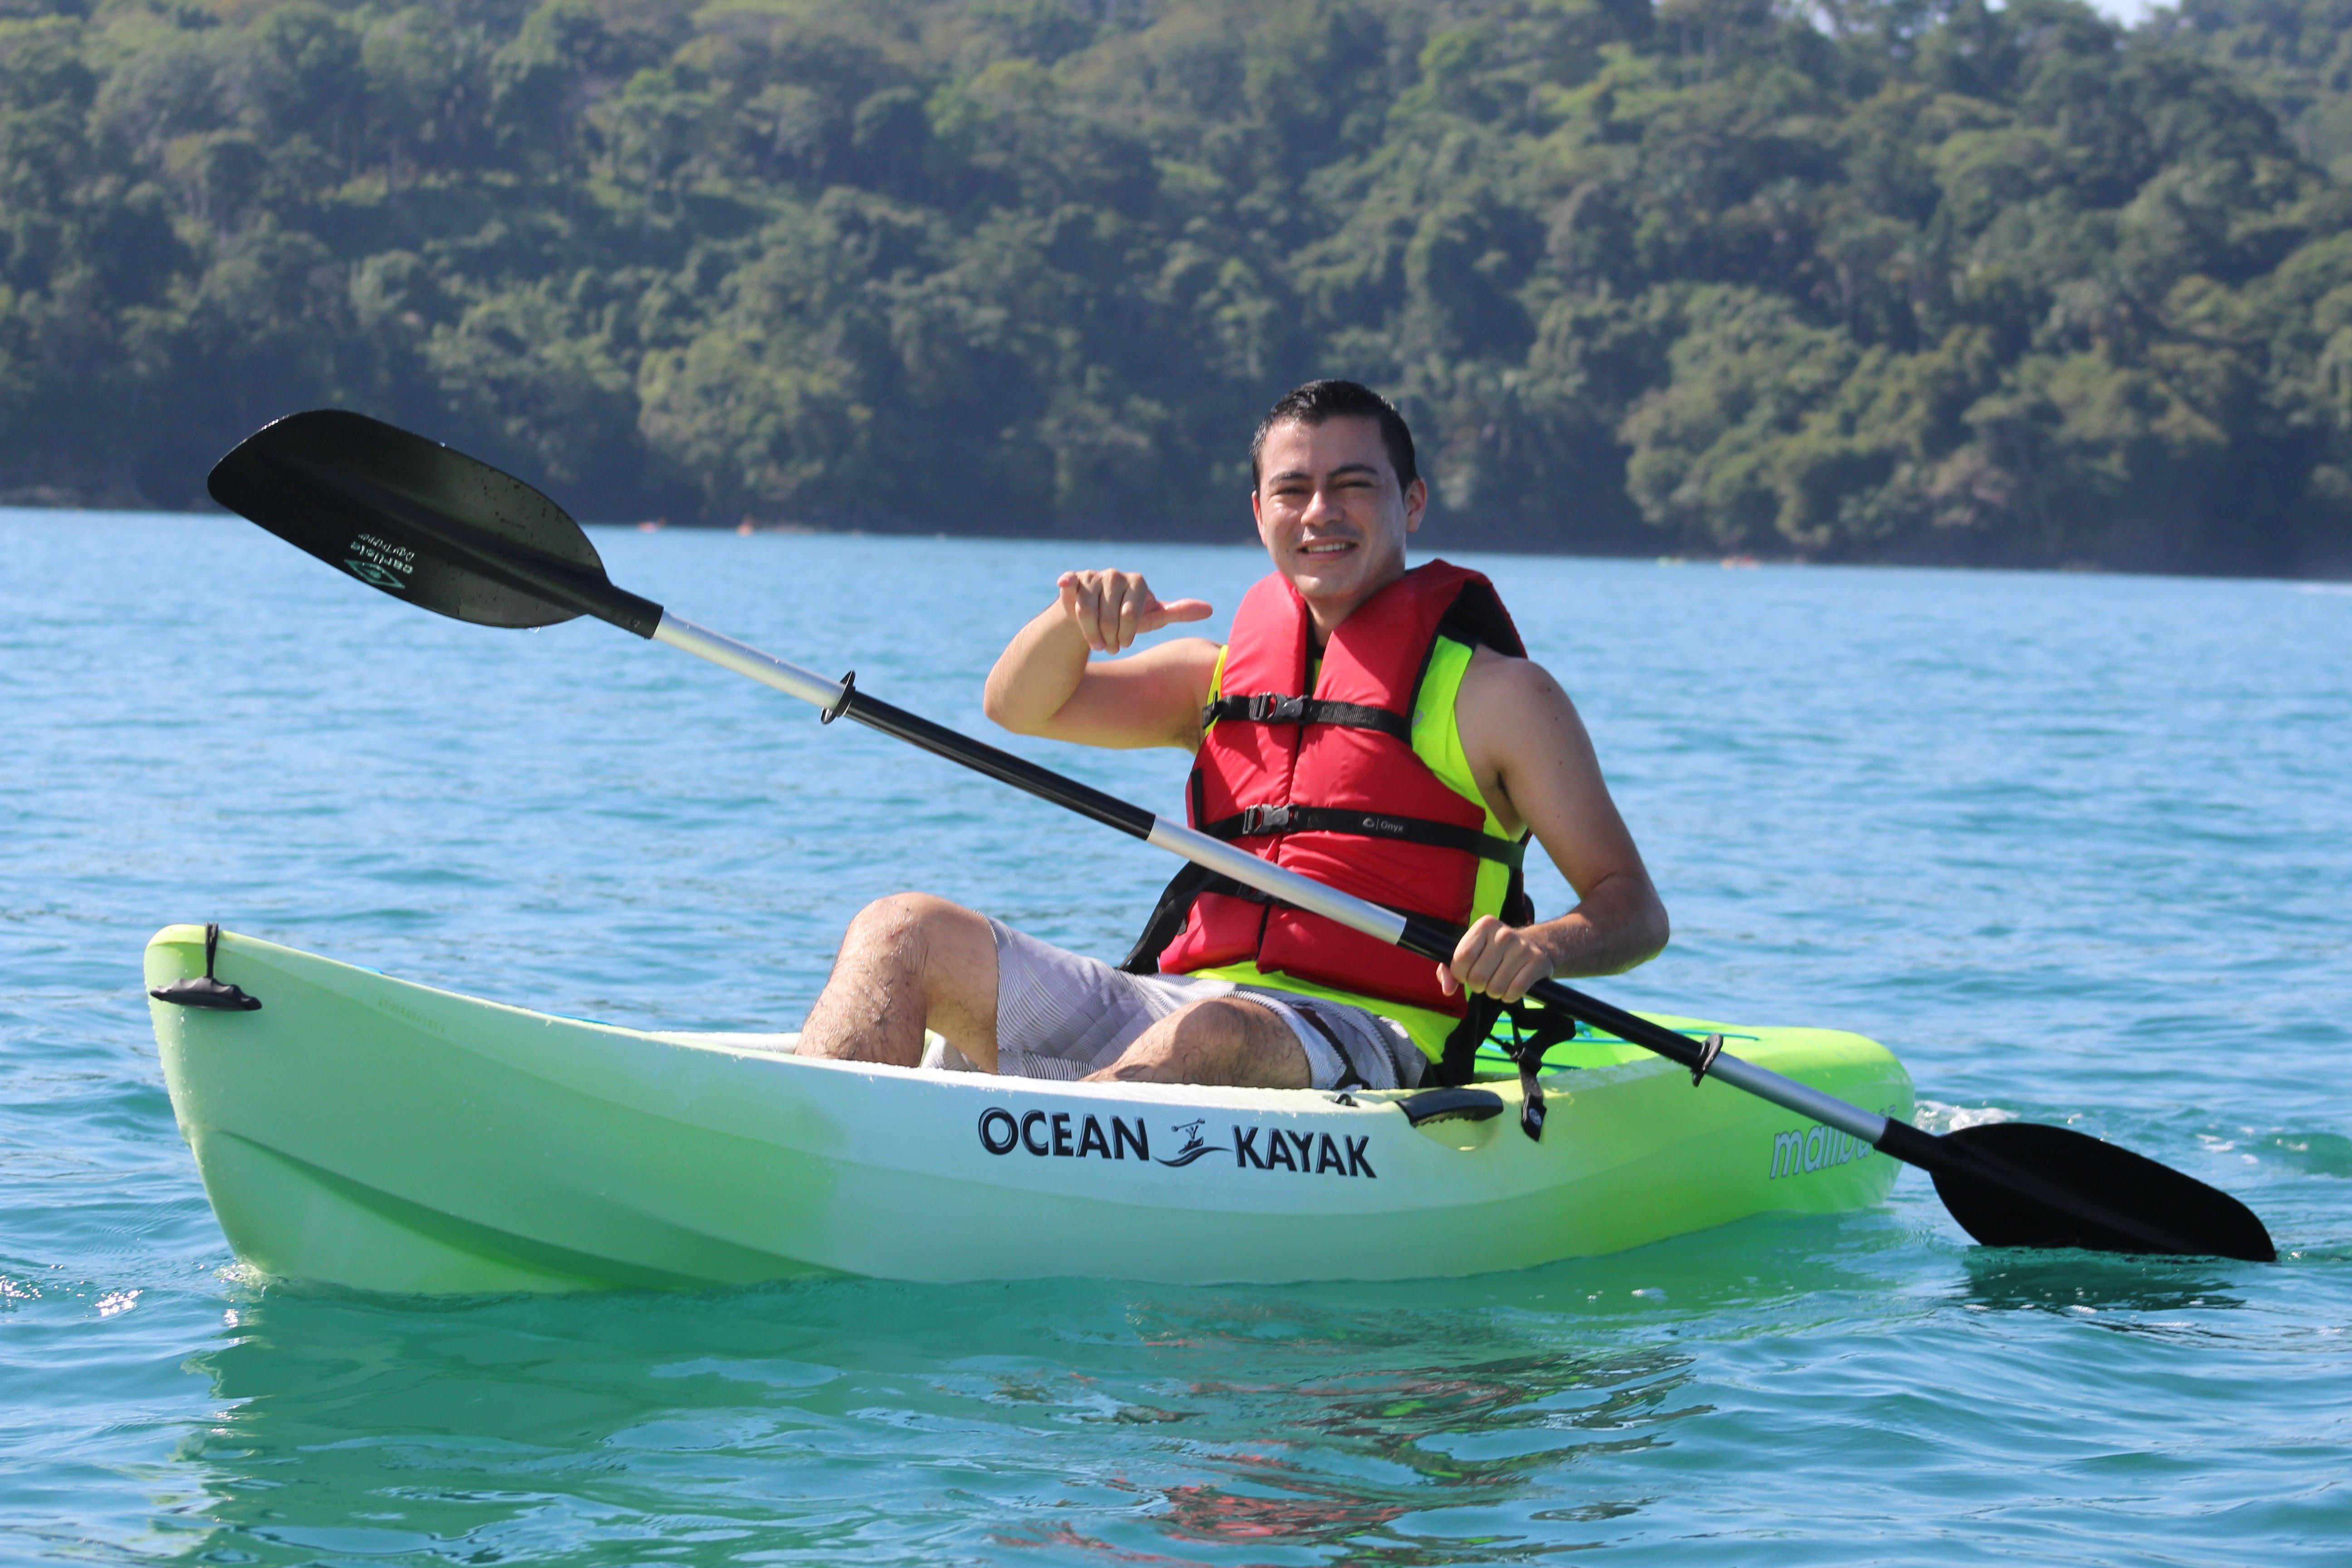 Ocean Kayak Tour + Snorkel Tour